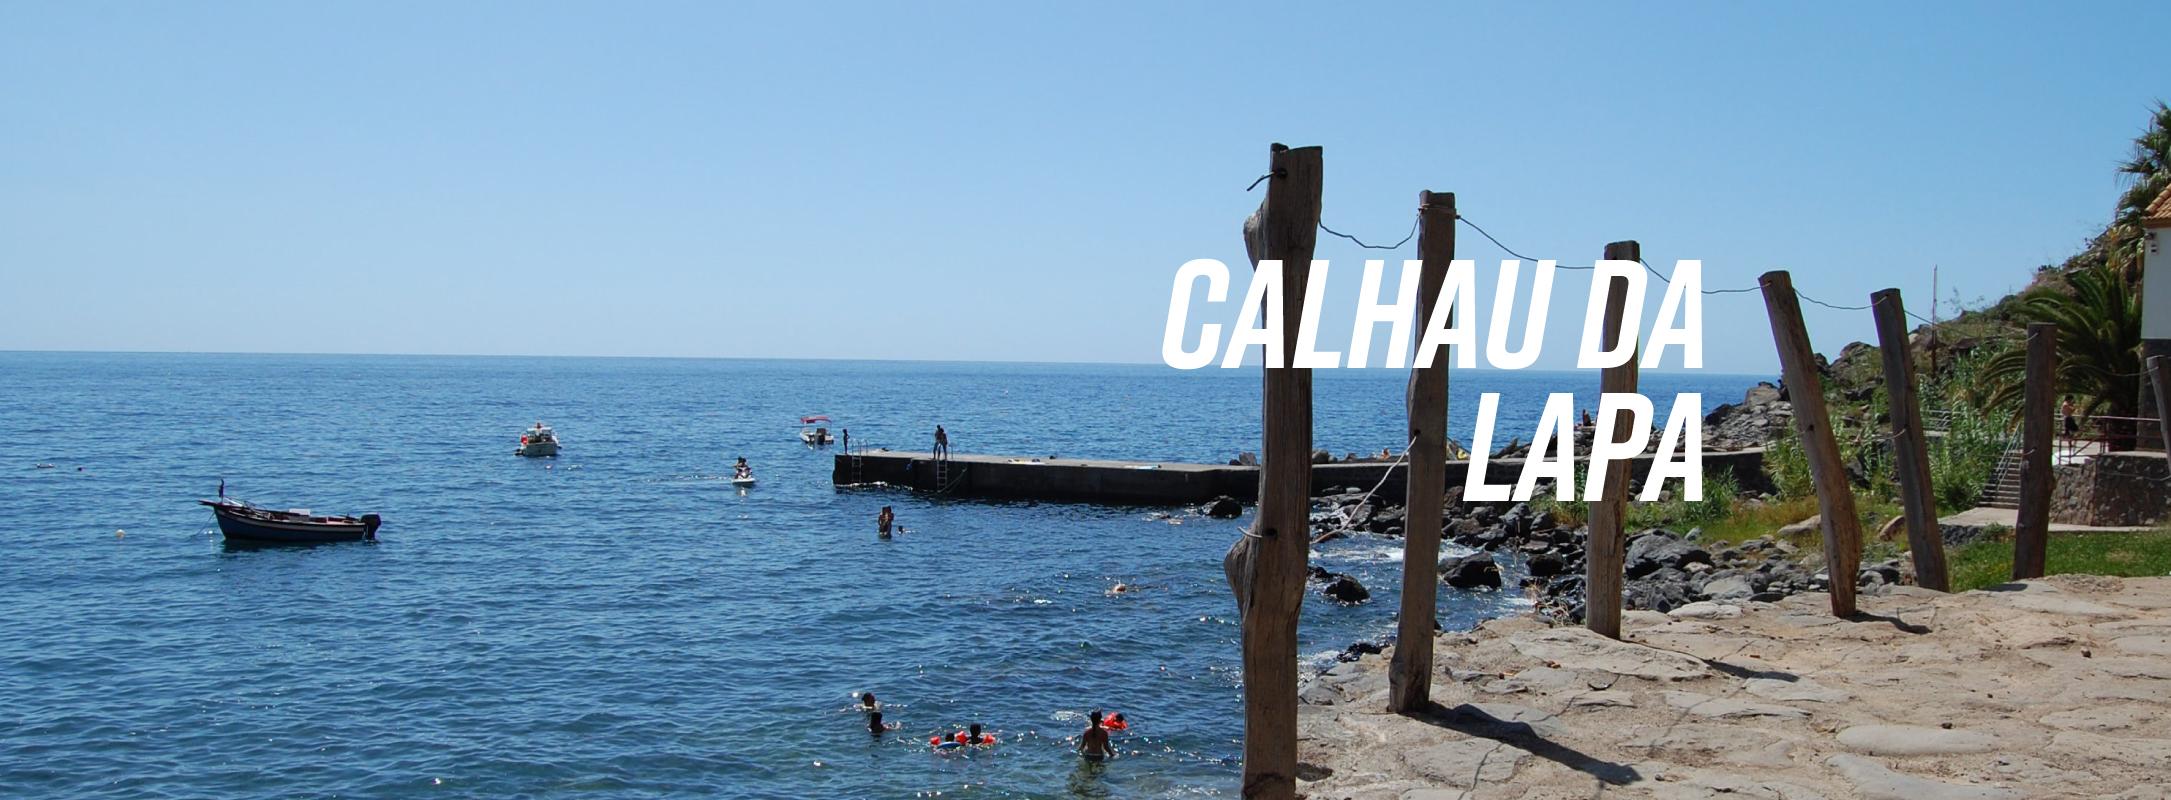 MWIAB-WEB-IMAGES-BANNERS_calhau-4.jpg